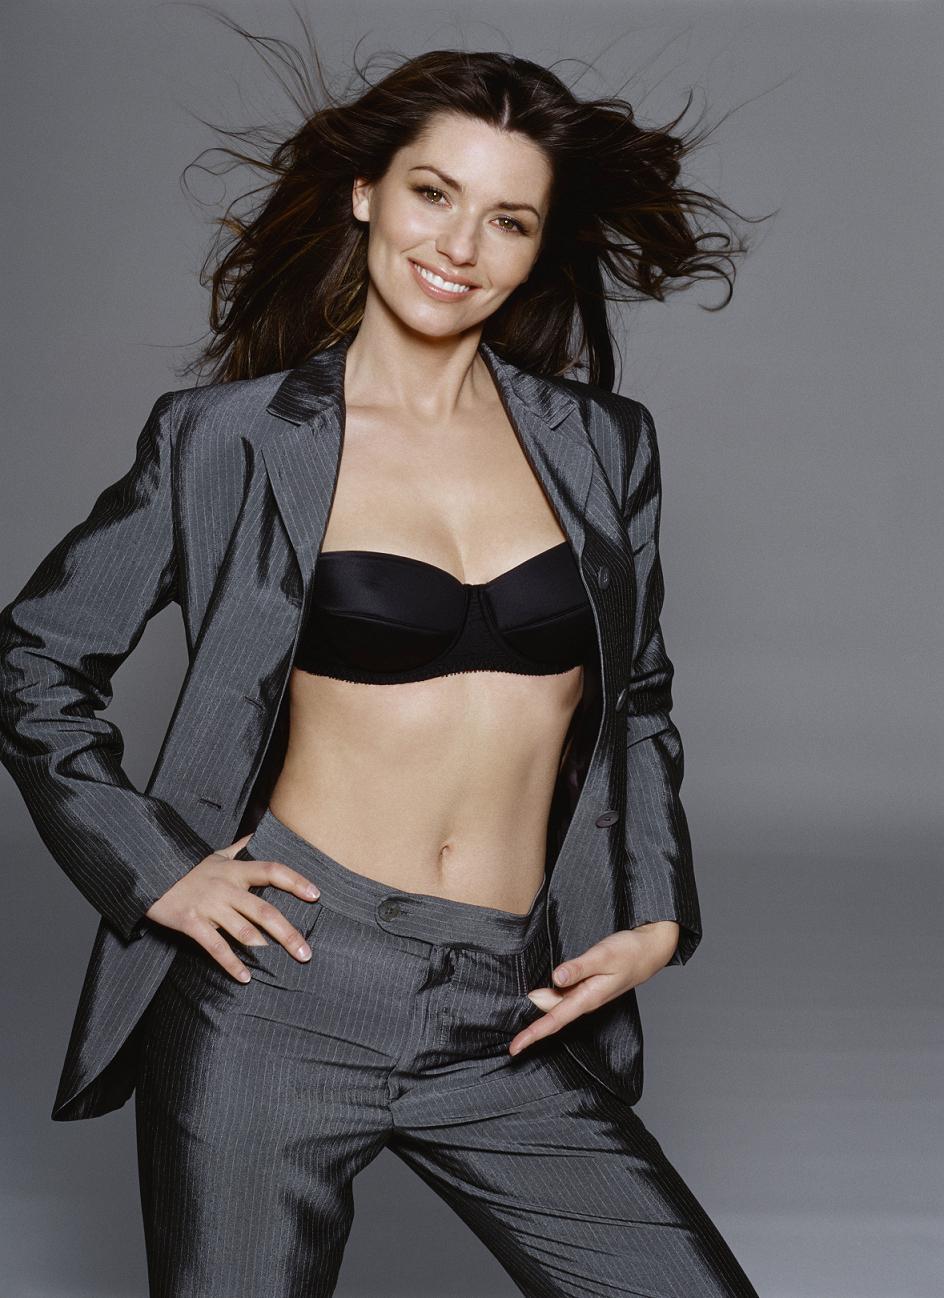 Bikini sexy de Shania Twain